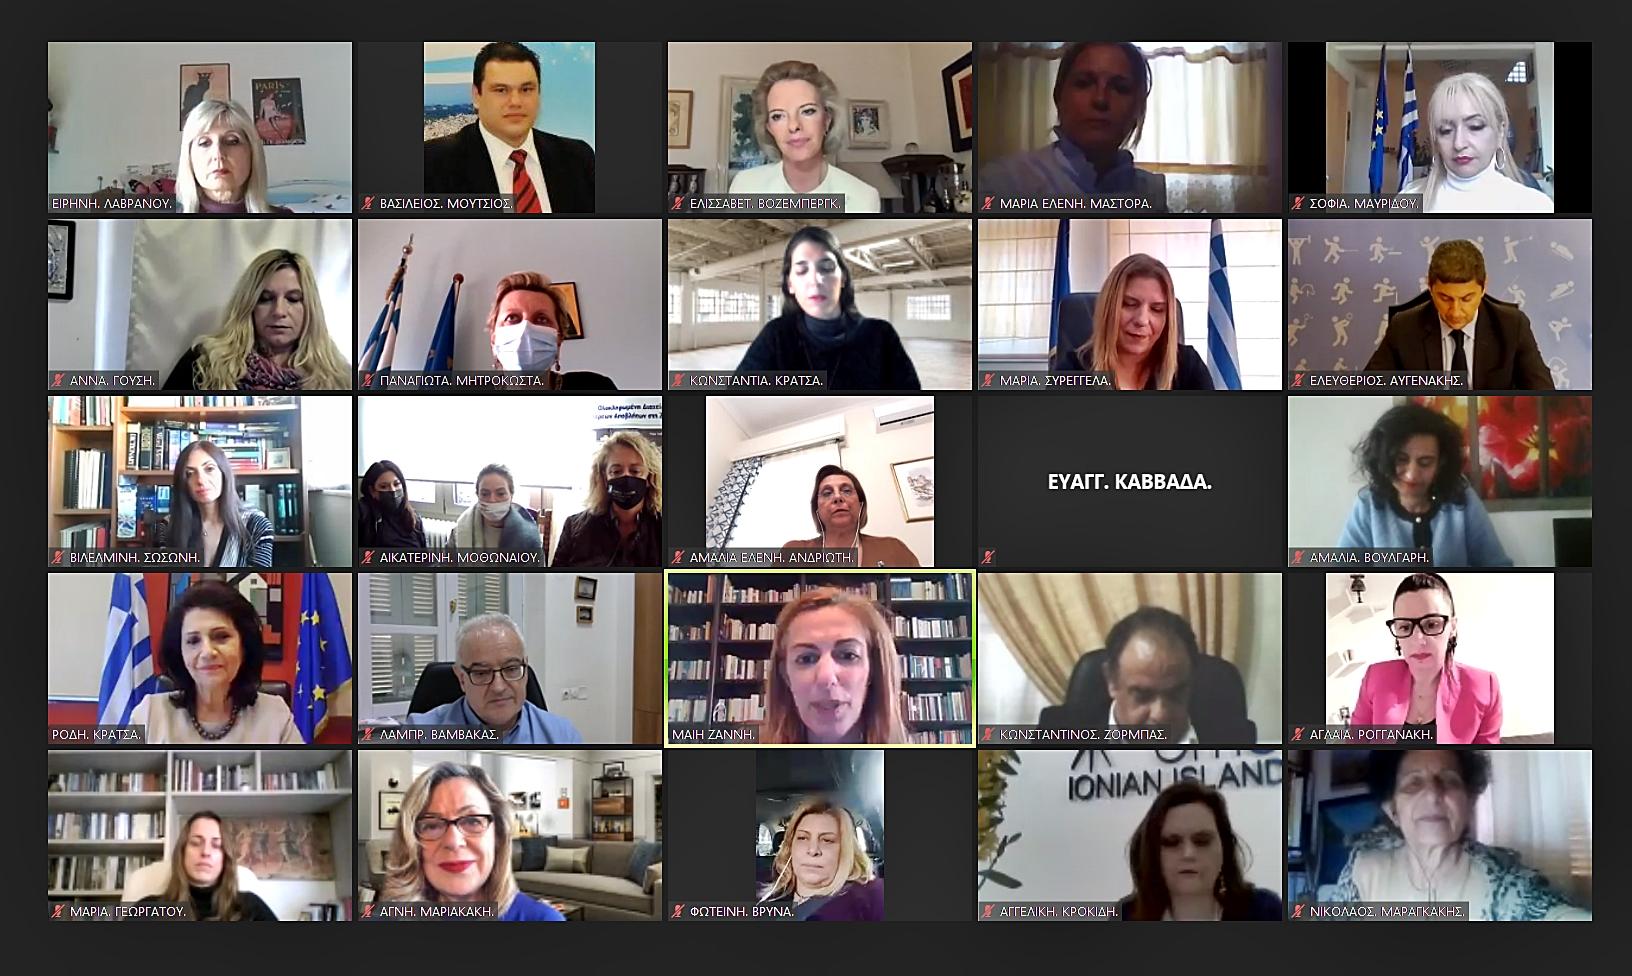 Ρόδη Κράτσα: Πρωτοβουλία συνεργασίας των Περιφερειών για την στήριξη των γυναικών θυμάτων εκφοβισμού και βίας